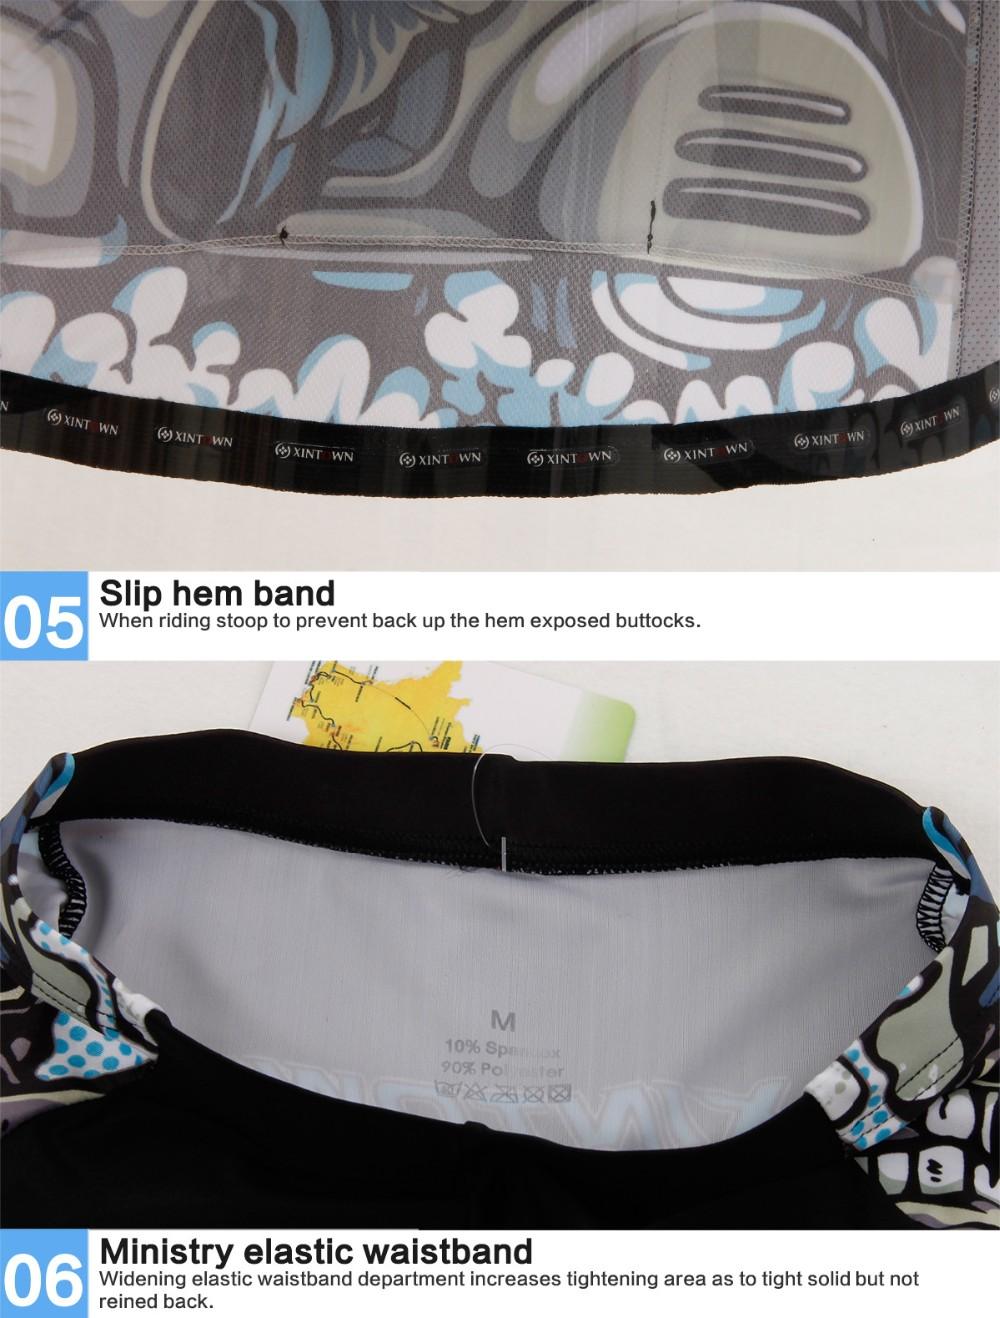 Hot Pria Xintown Bersepeda Jersey Bib Shorts Set Pro Mtb Sepeda Tcash Hotdeals Fujifilm Refill Plain Twinpack Instax Film 20 Lembar 2332519077 1914611871 2334161653 2332501790 2332507497 Qq 20150128141608